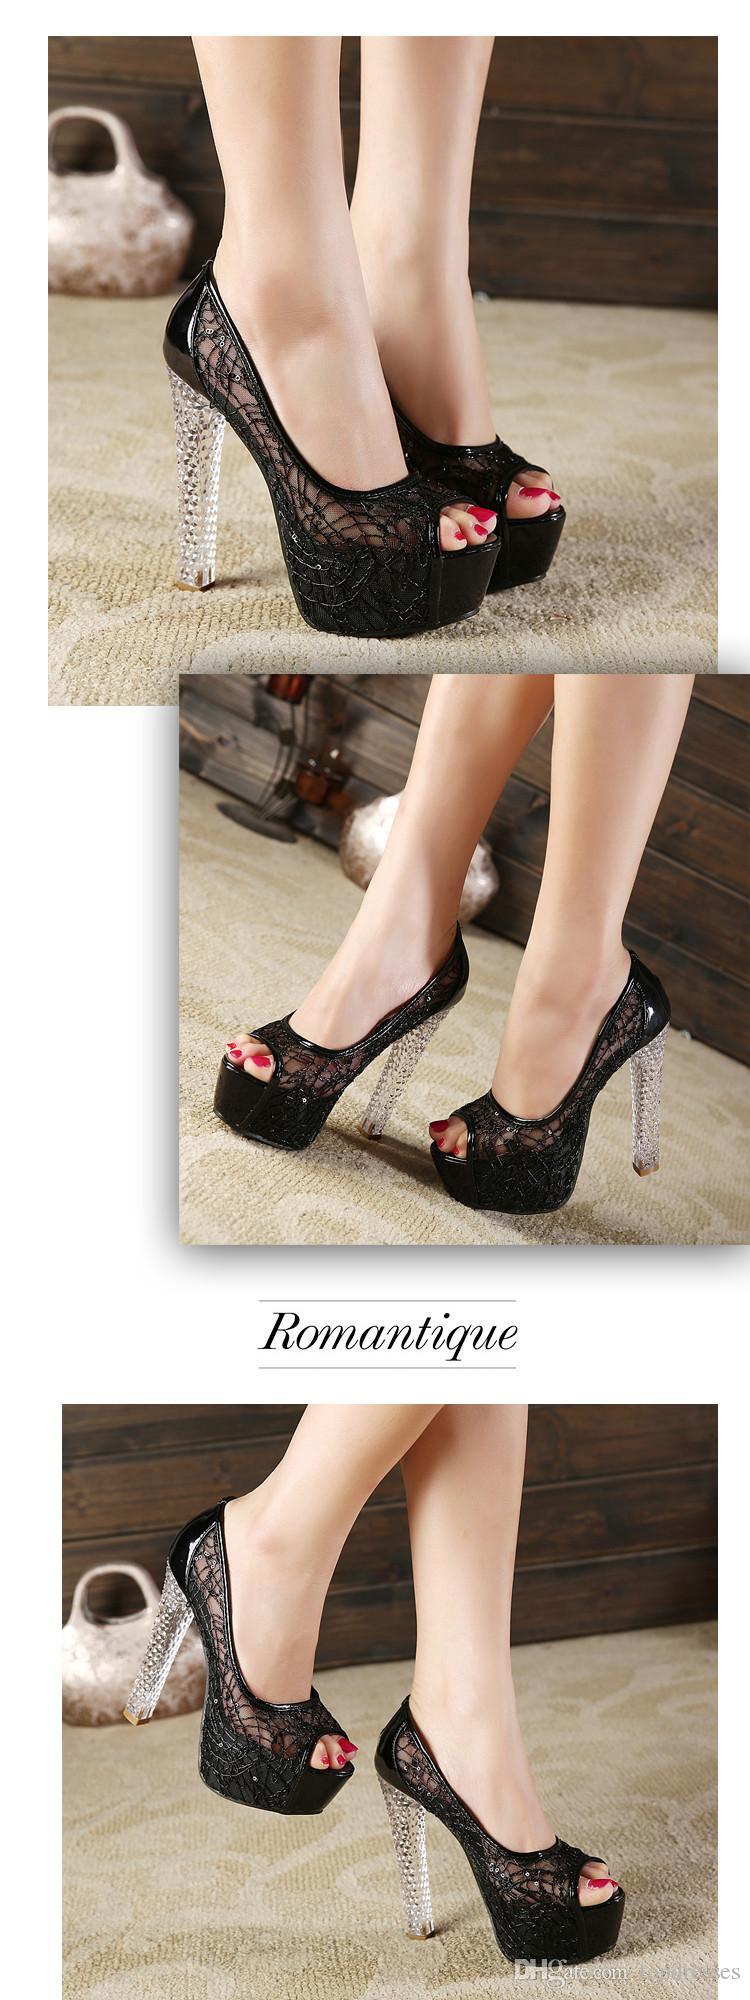 2015 nouvelle mode peep toe femmes chaussures argent or noir talons hauts sexy fête de mariage chaussures maille pompes taille 35-39 EA0319